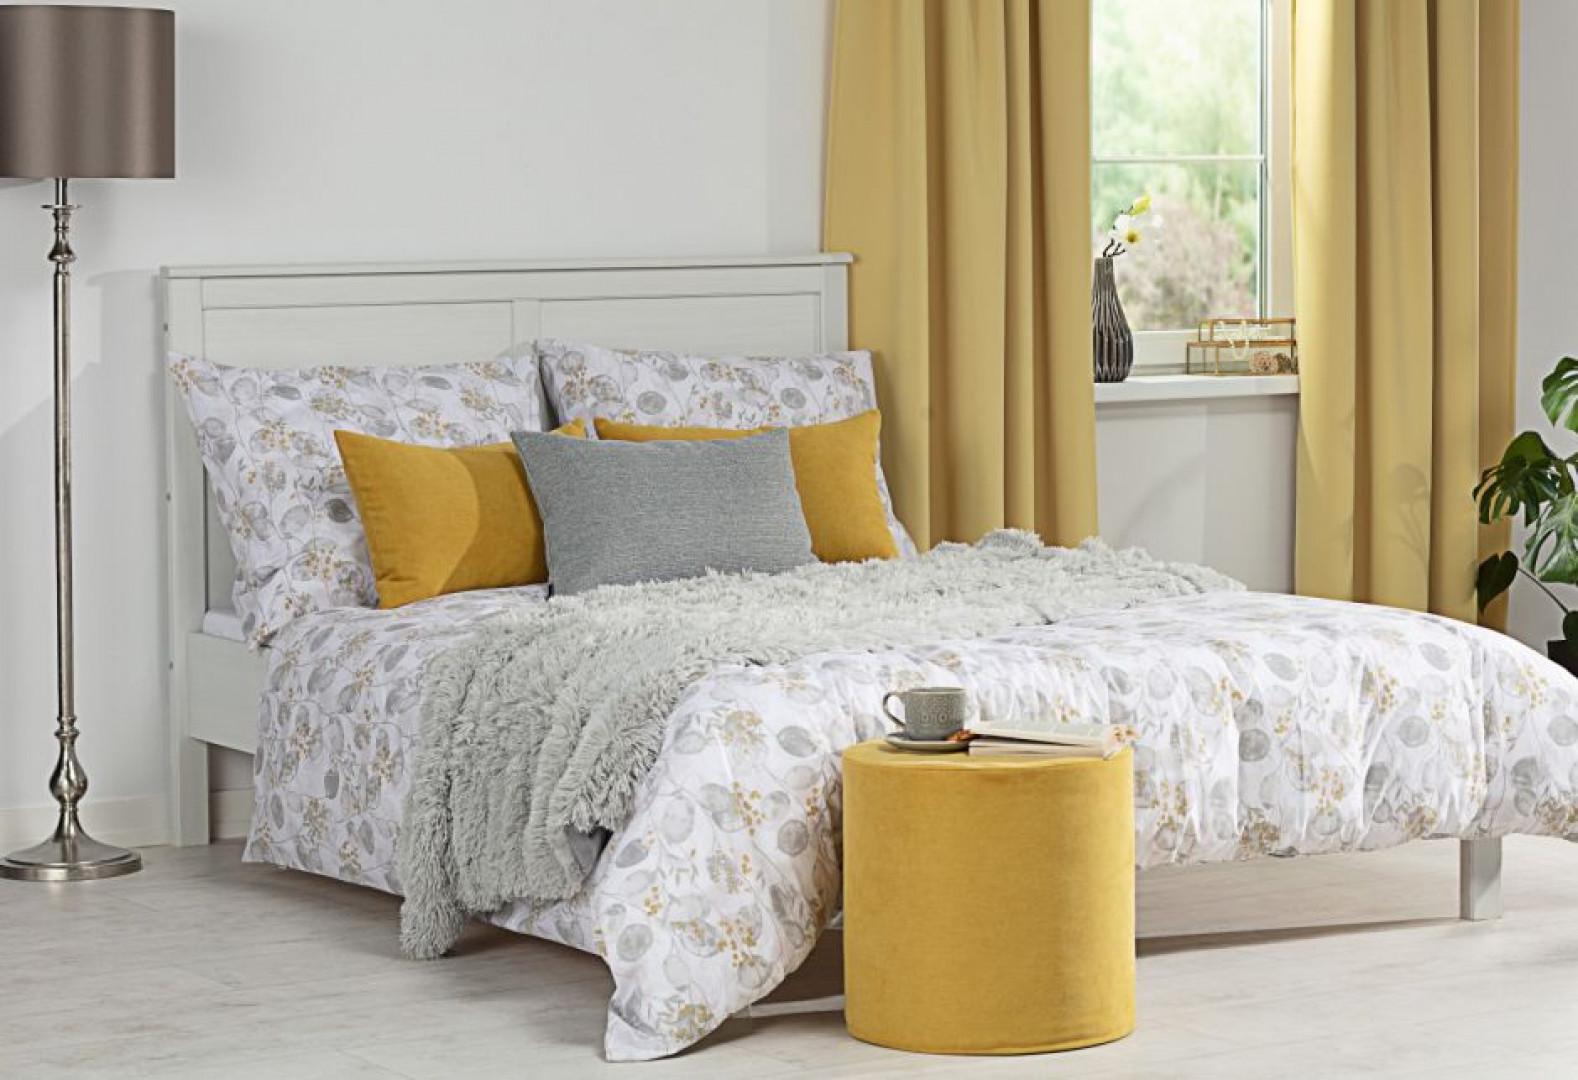 Przestrzegając kilku prostych zasad, możemy sprawić, że sypialnia stanie się miejscem komfortowego wypoczynku. Fot. Dekoria.pl